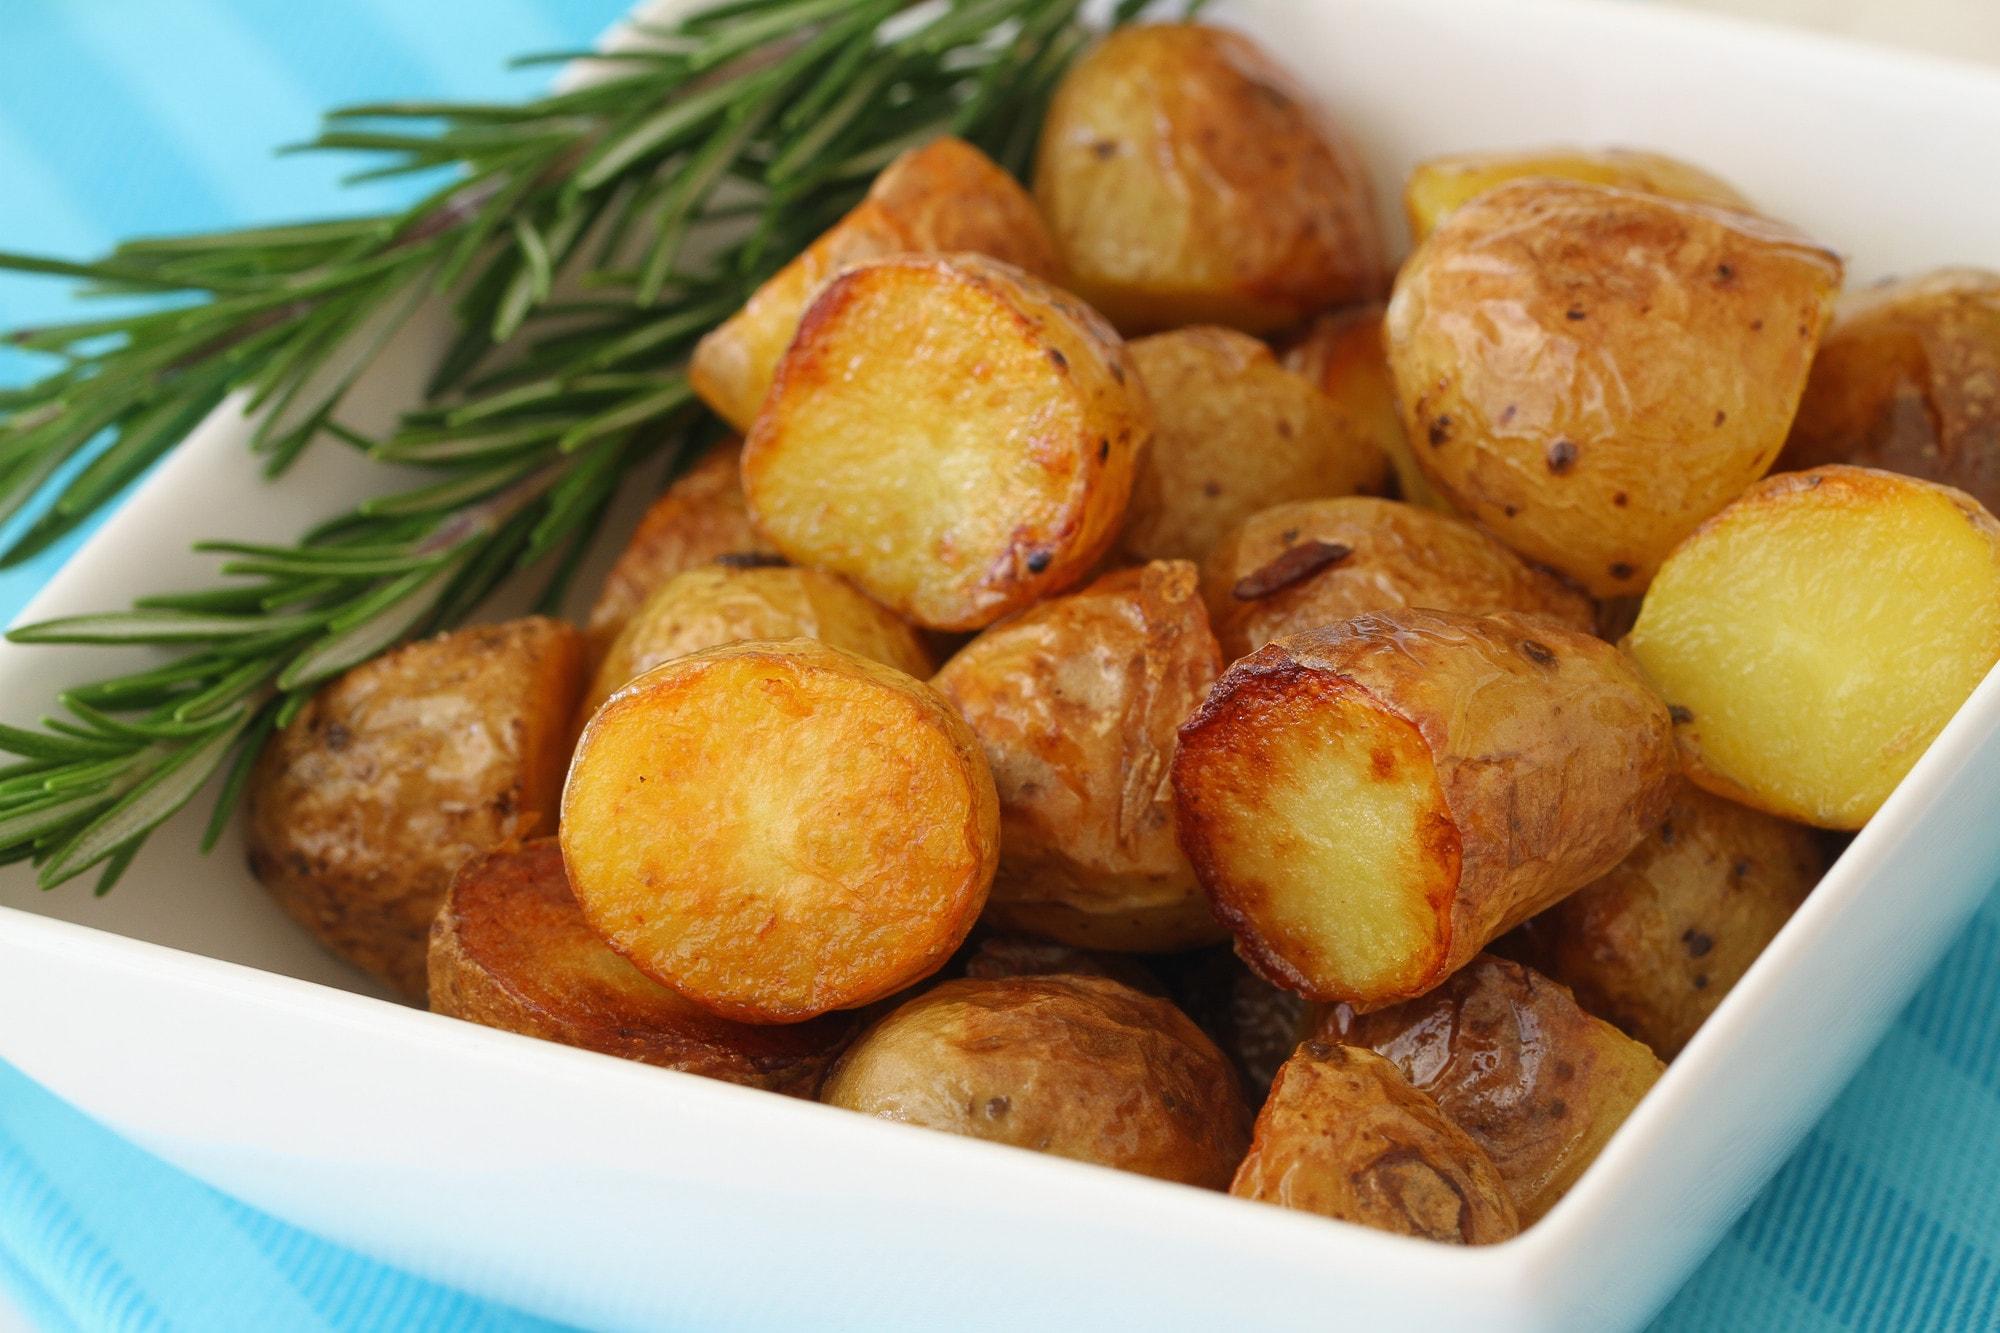 Жареный картофель с зеленью - любимое блюдо всех слоев населения